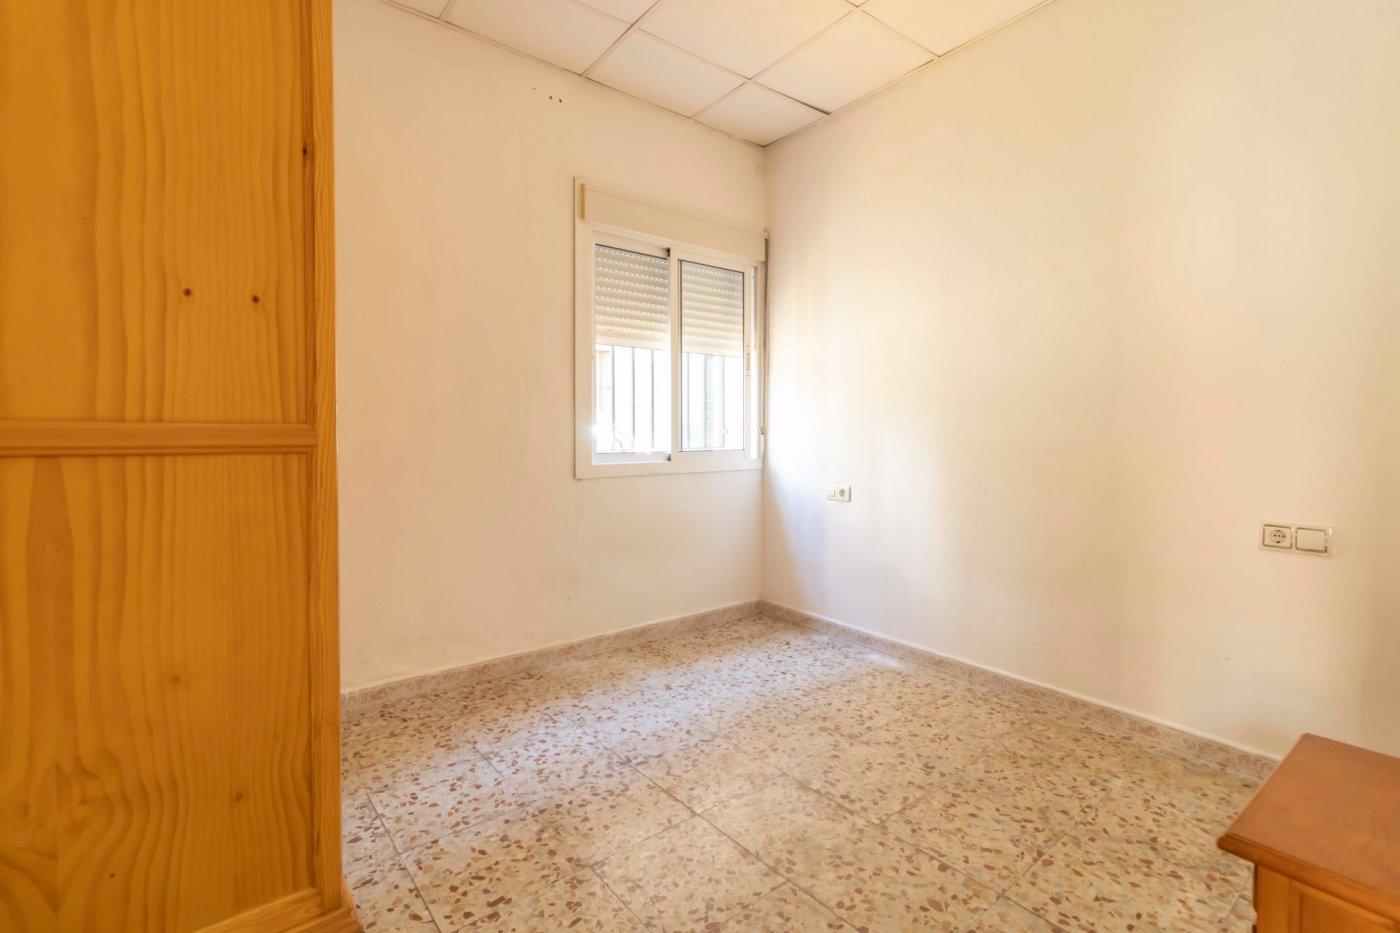 2 pisos a la venta por el precio de uno en zona padre pÍo - imagenInmueble21